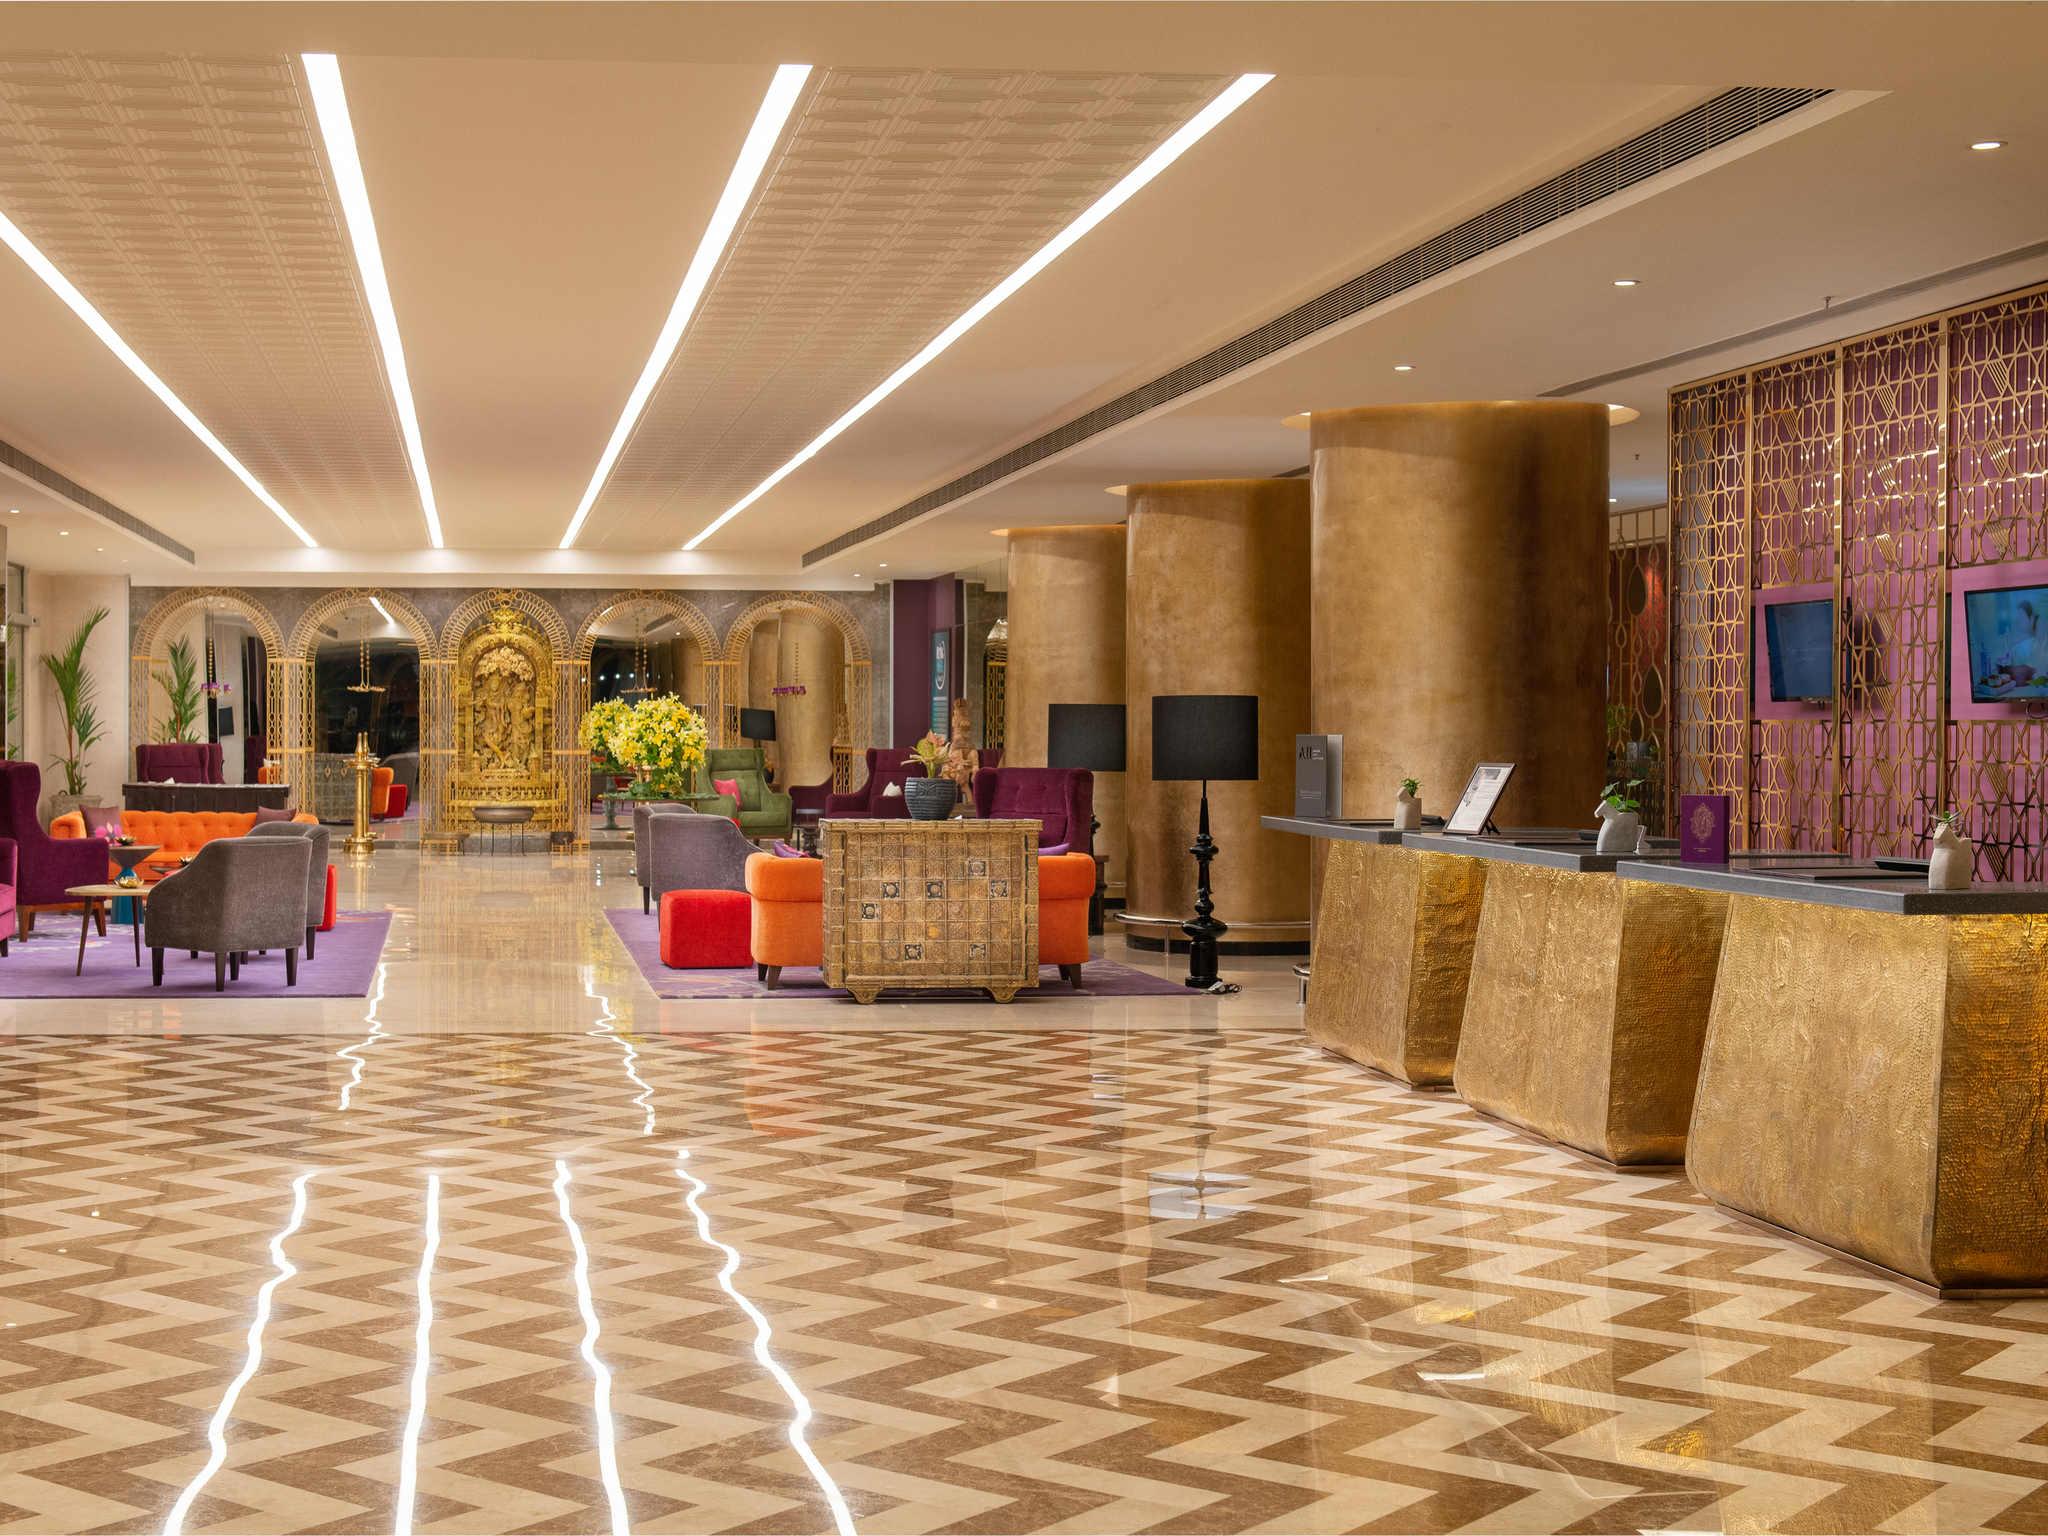 Hotel – Grand Mercure Bengaluru em Gopalan Mall (abre em jan. de 2019)